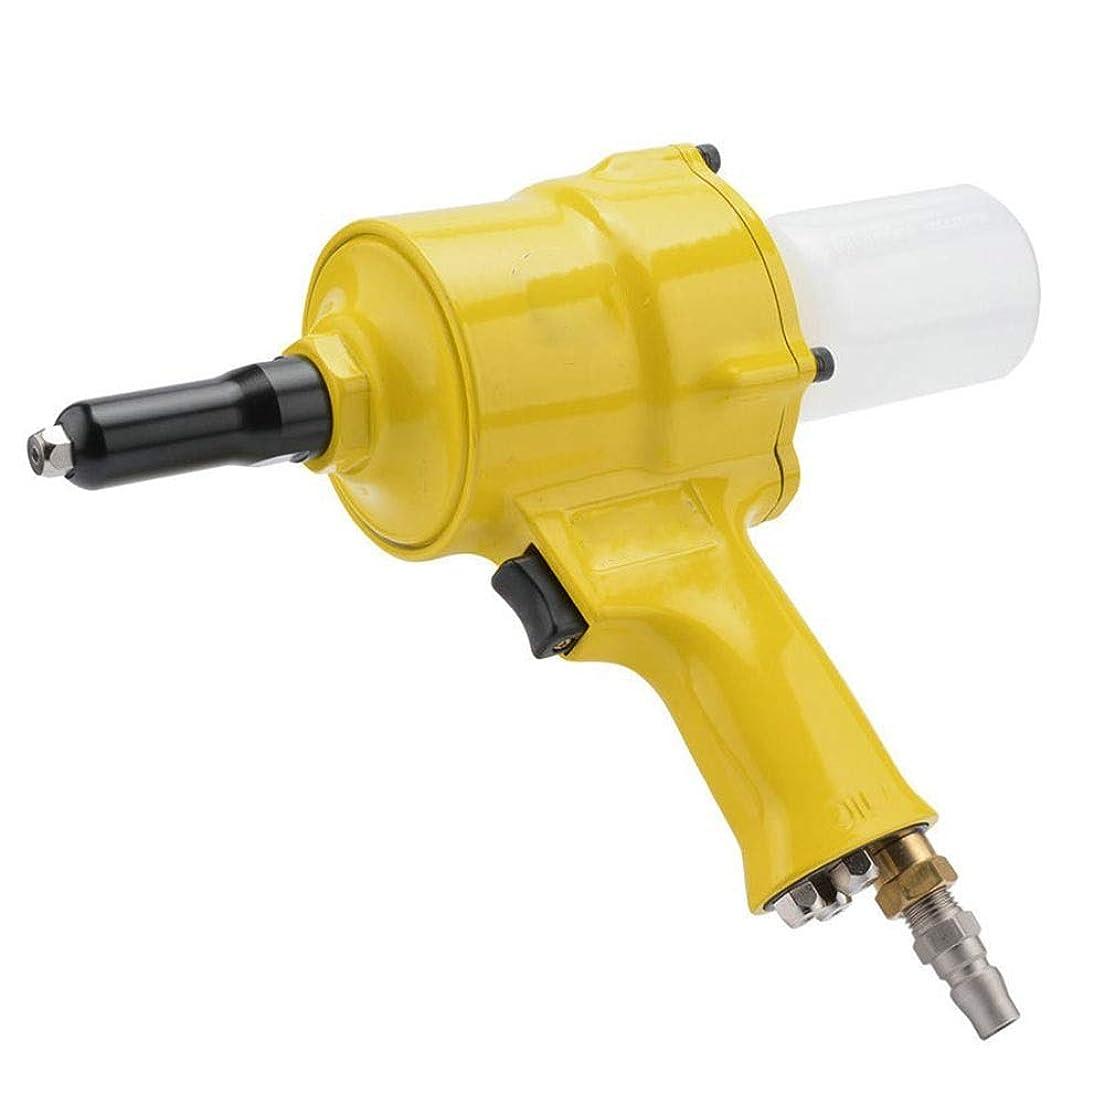 多様なメンダシティ食事エア工具 ハンドツール 空気圧プラー、ハンドヘルド空気圧リベットプライヤー工業用グレードのハンドツール